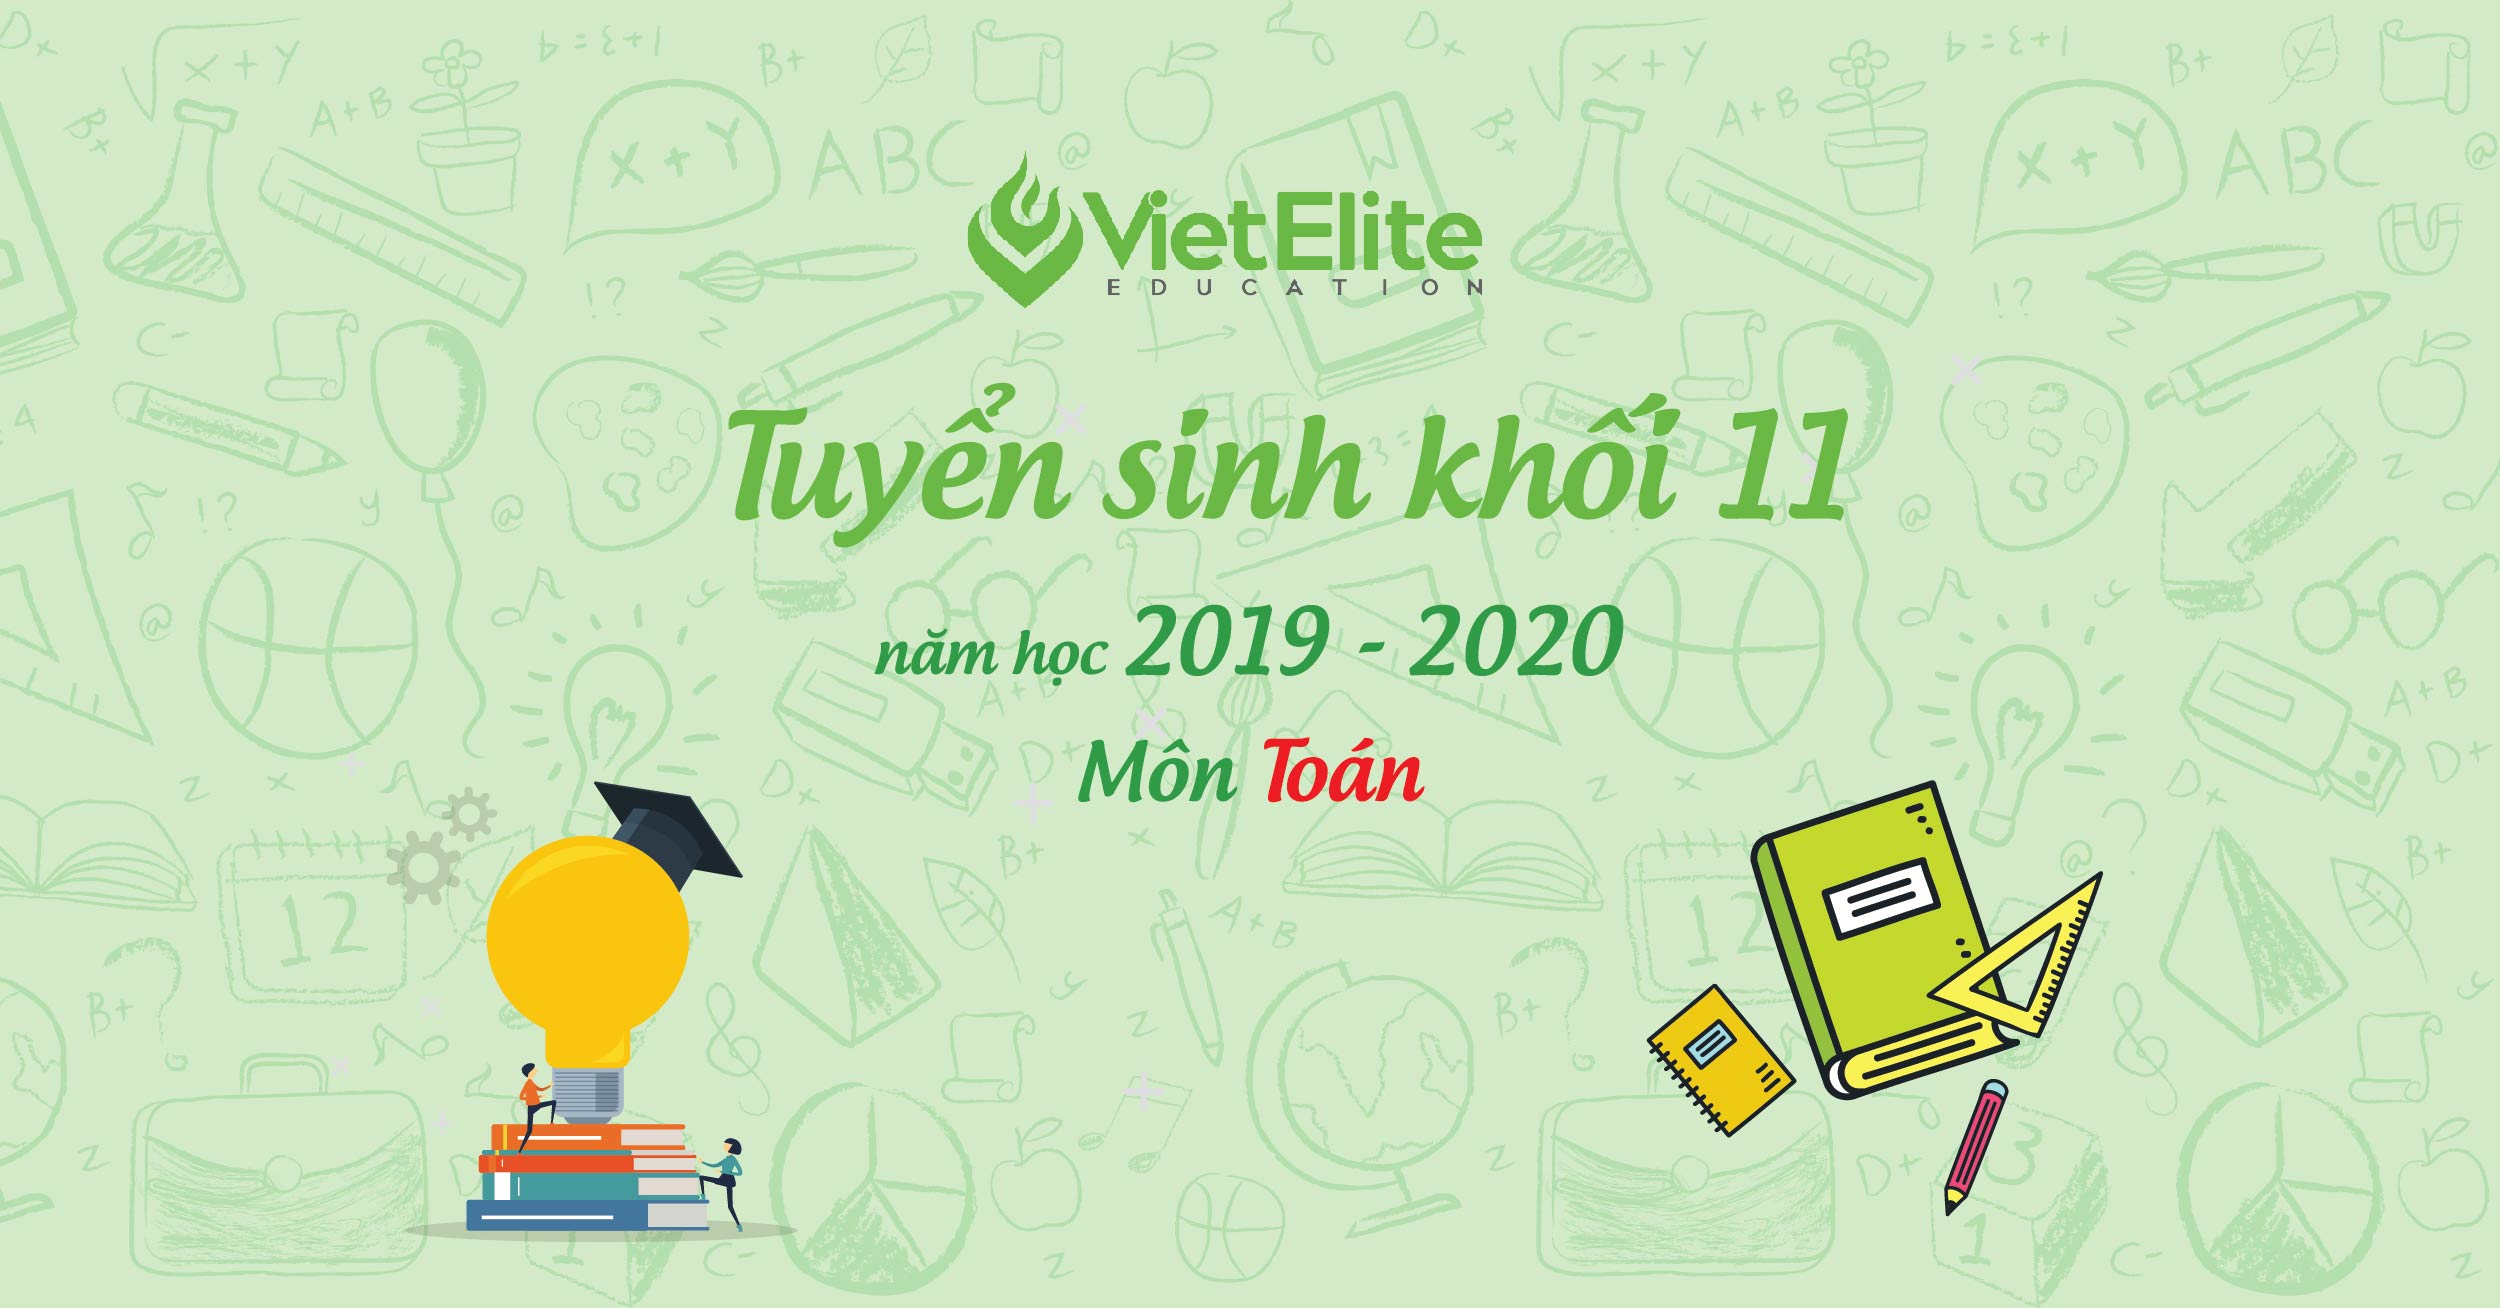 Tuyển sinh khôi 11 năm học 2019 - 2020